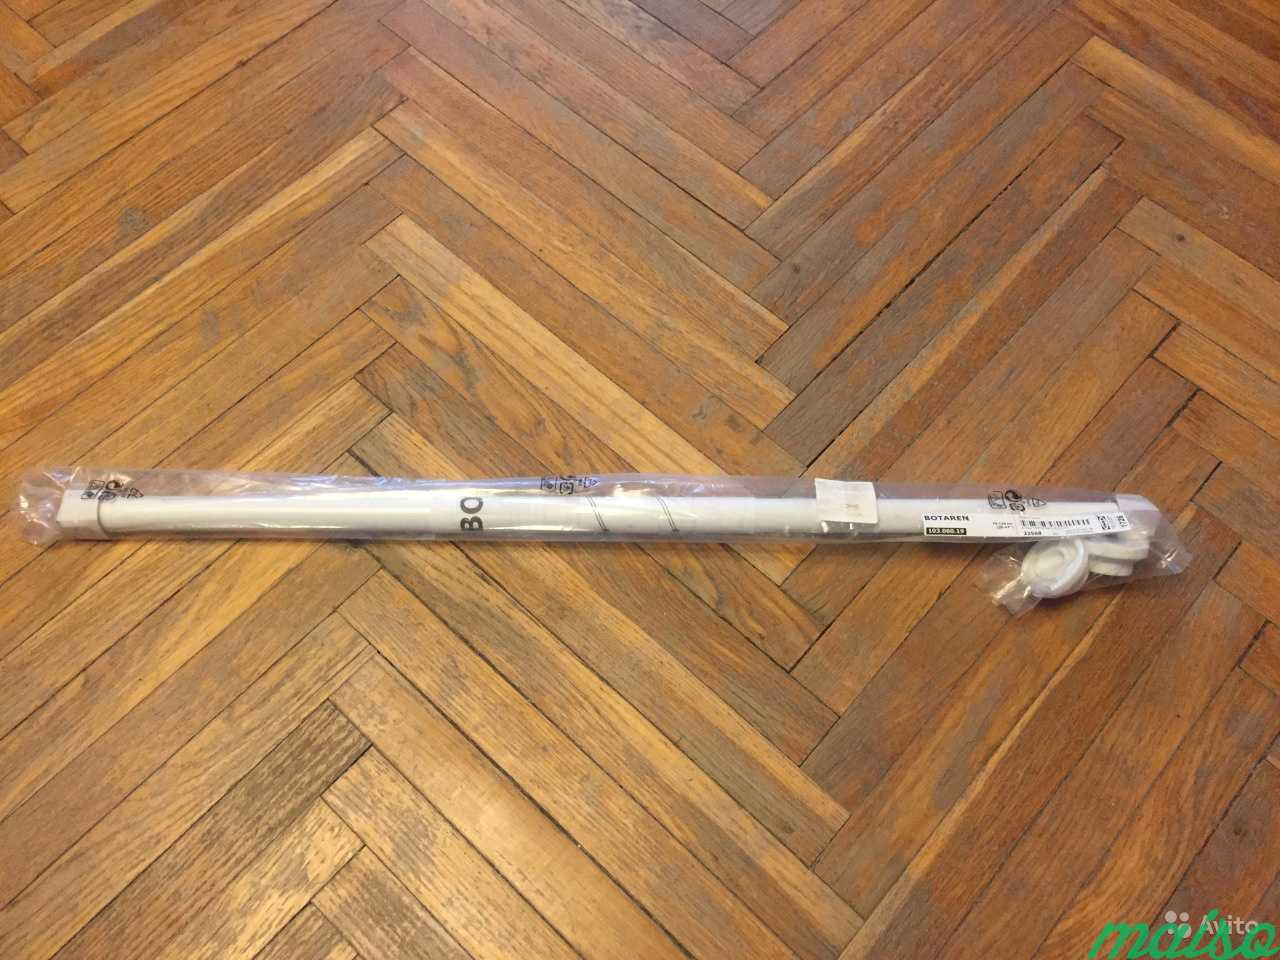 Штанга для шторы в ванную ботарен (Икея) 70-120 см в Москве. Фото 1